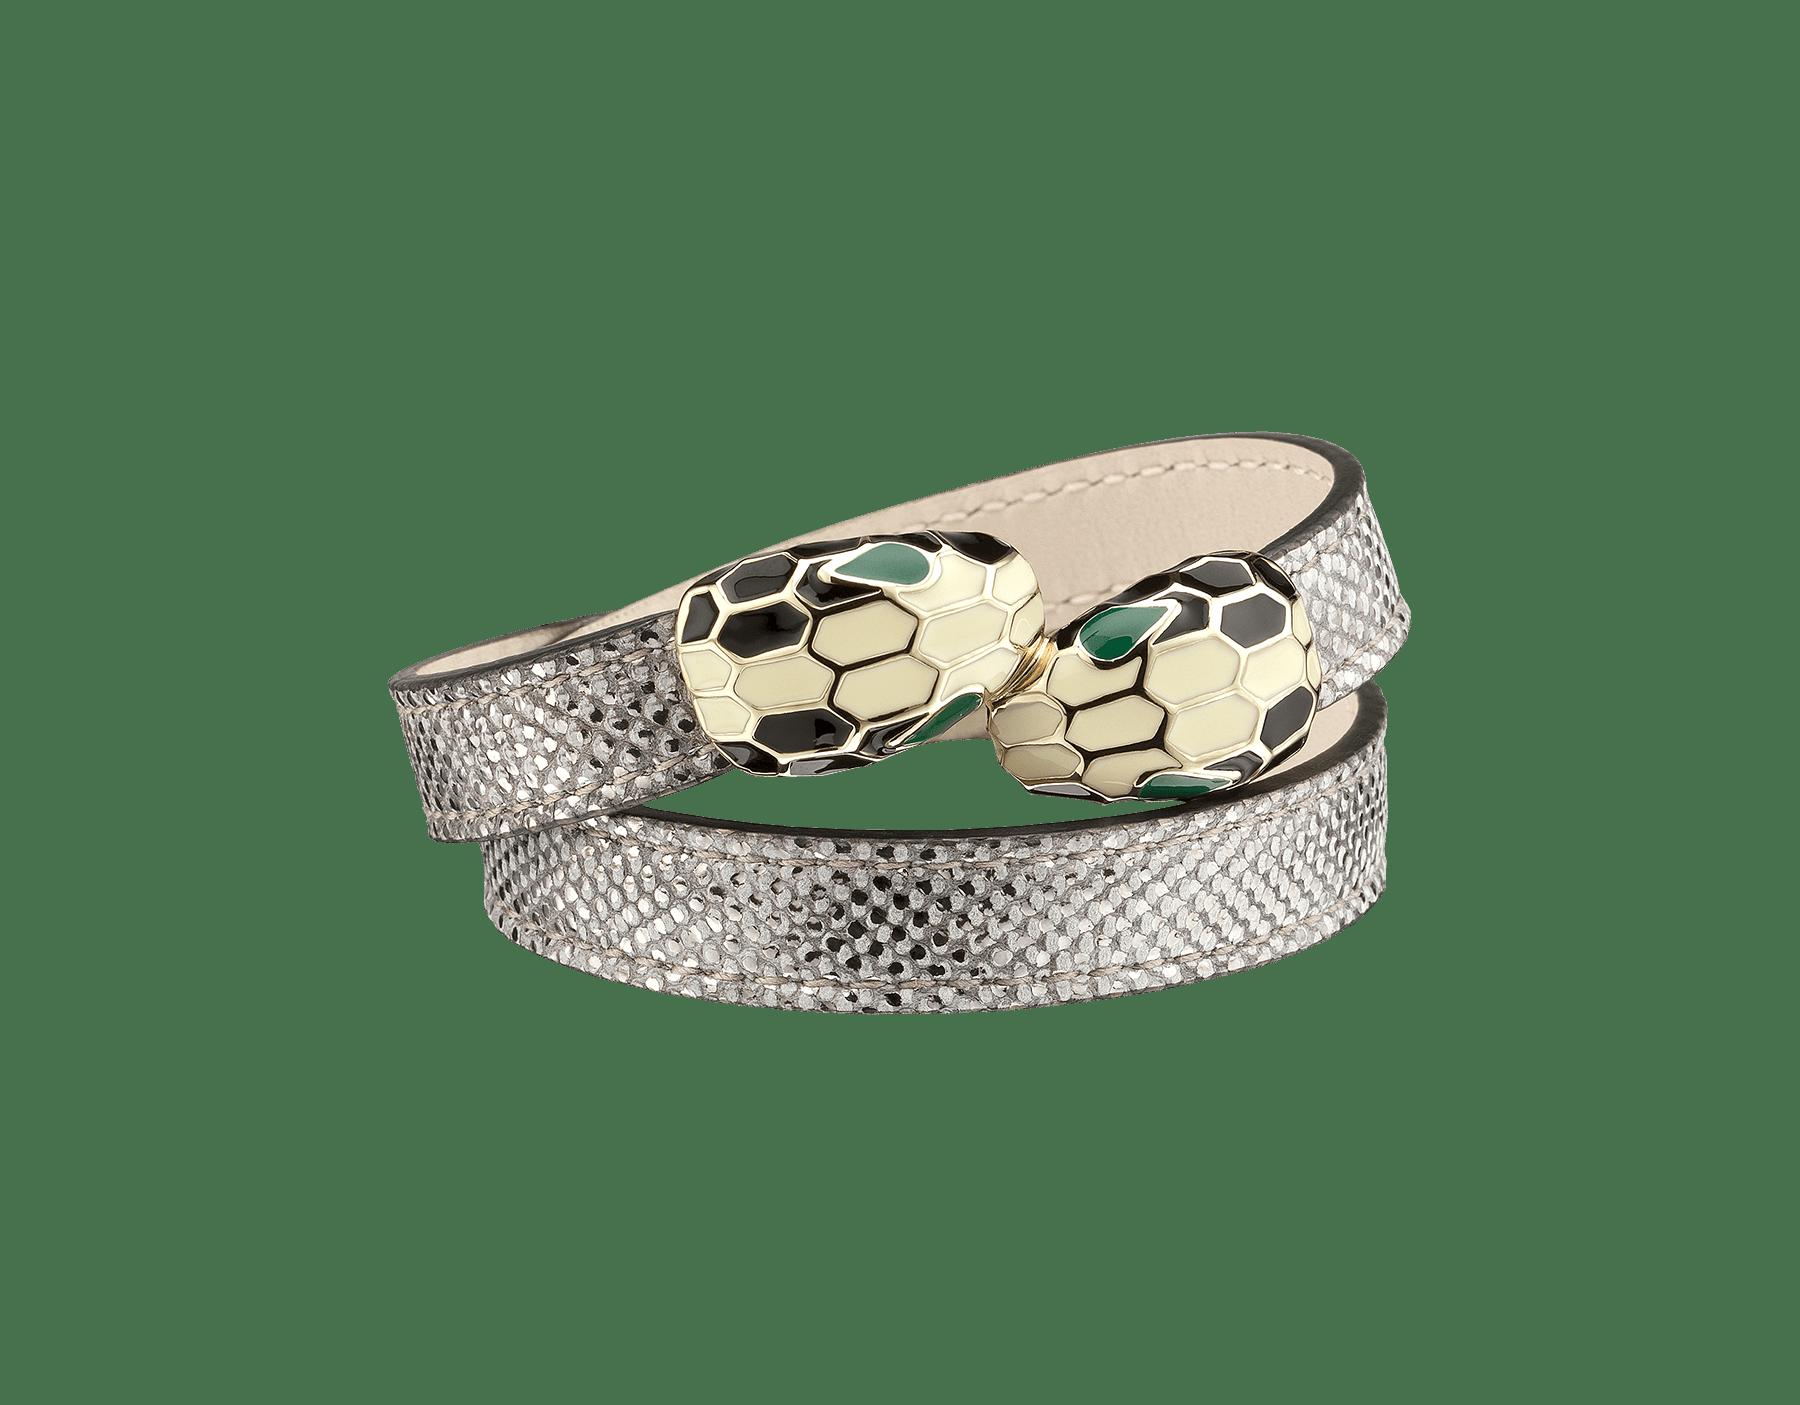 金屬銀水蛇皮多圈手環。淡金色黃銅經典 Serpenti 對向蛇頭飾以黑色和白色琺瑯,蛇眼飾以綠色琺瑯。 MCSerp-MK-S image 1